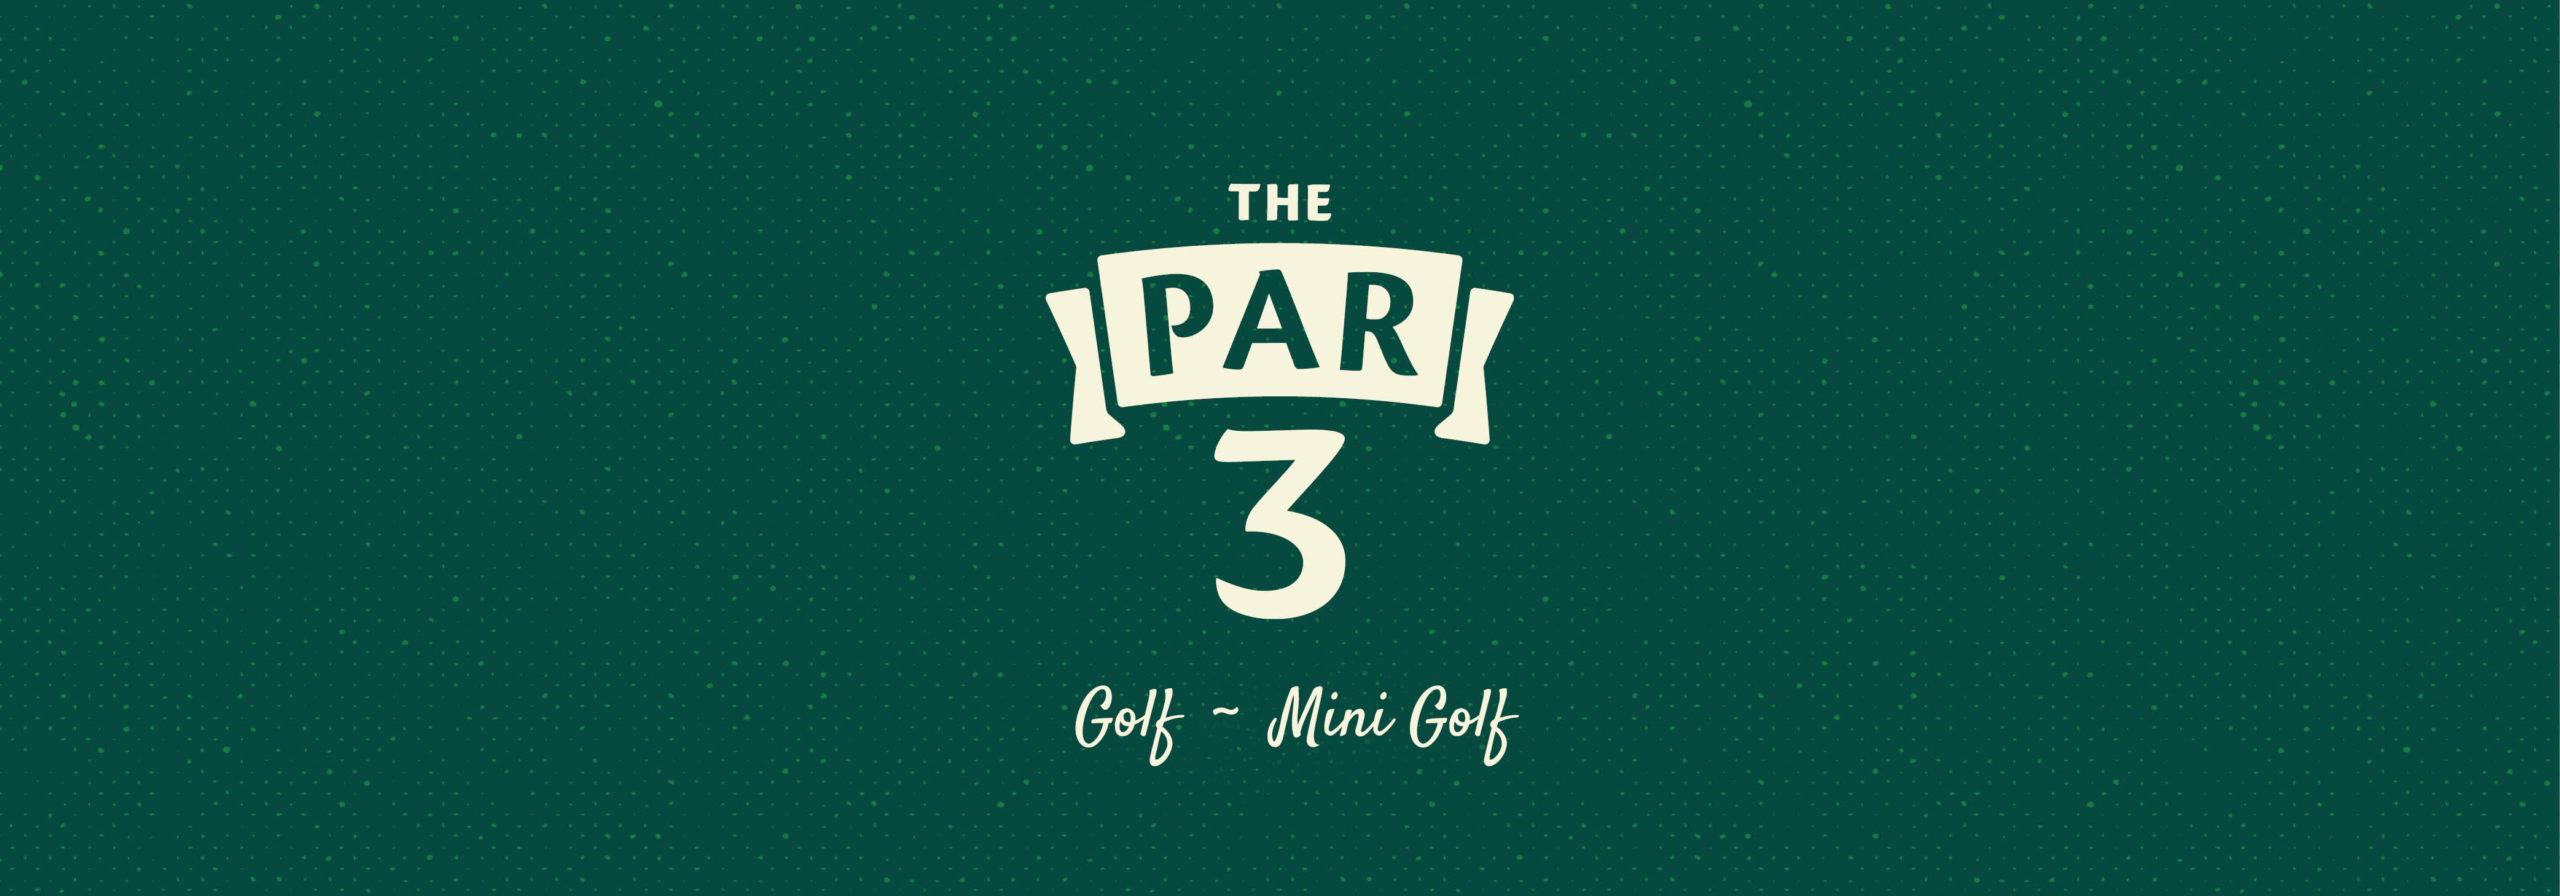 Par 3 Golf & Mini Golf Busselton, South West